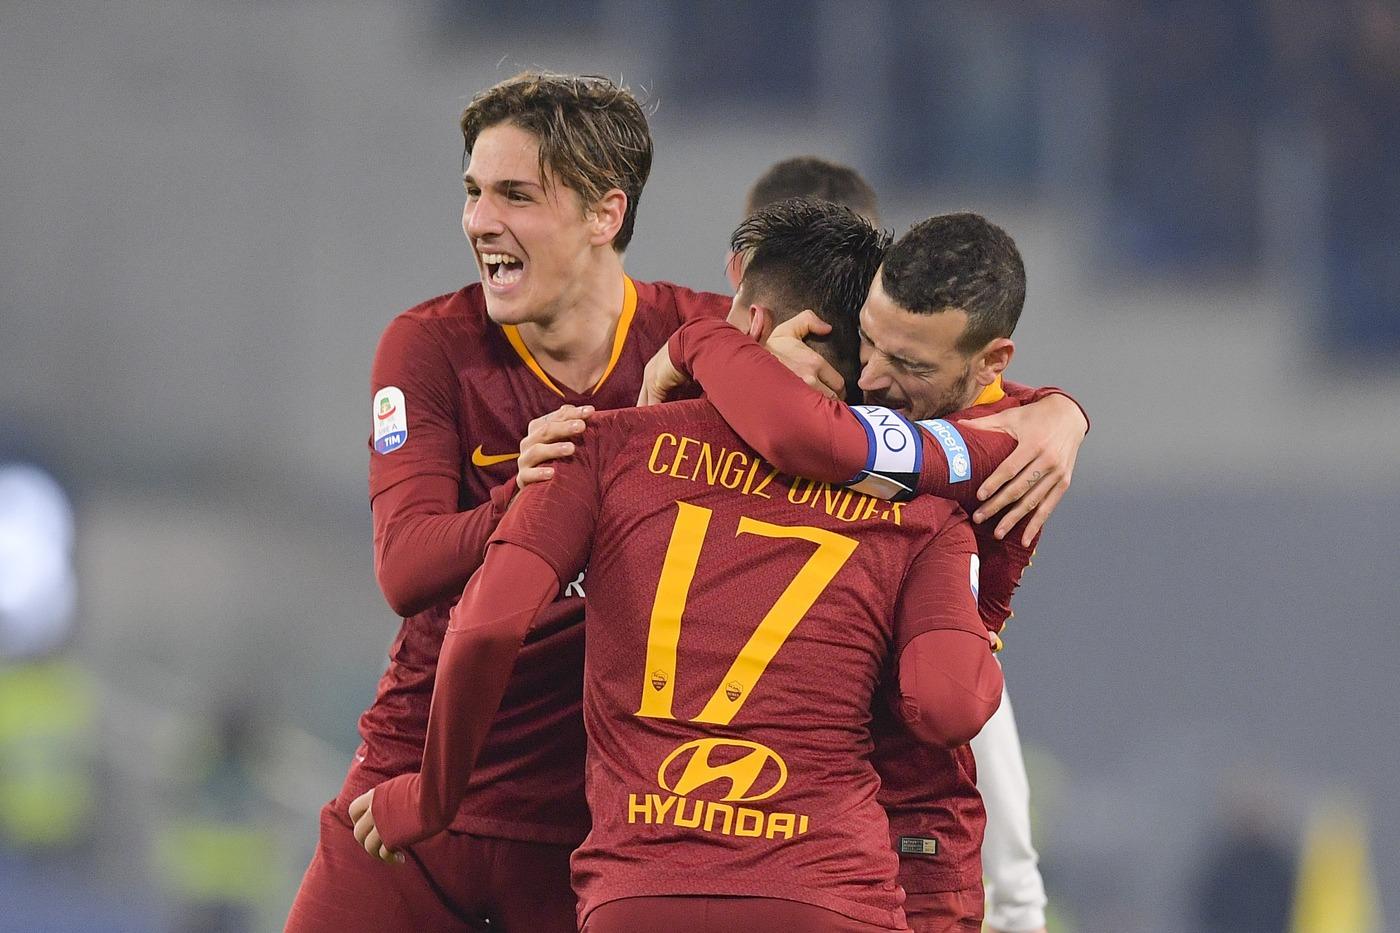 Serie A, Roma-Sassuolo mercoledì 26 dicembre: analisi e pronostico della 18ma giornata del campionato italiano